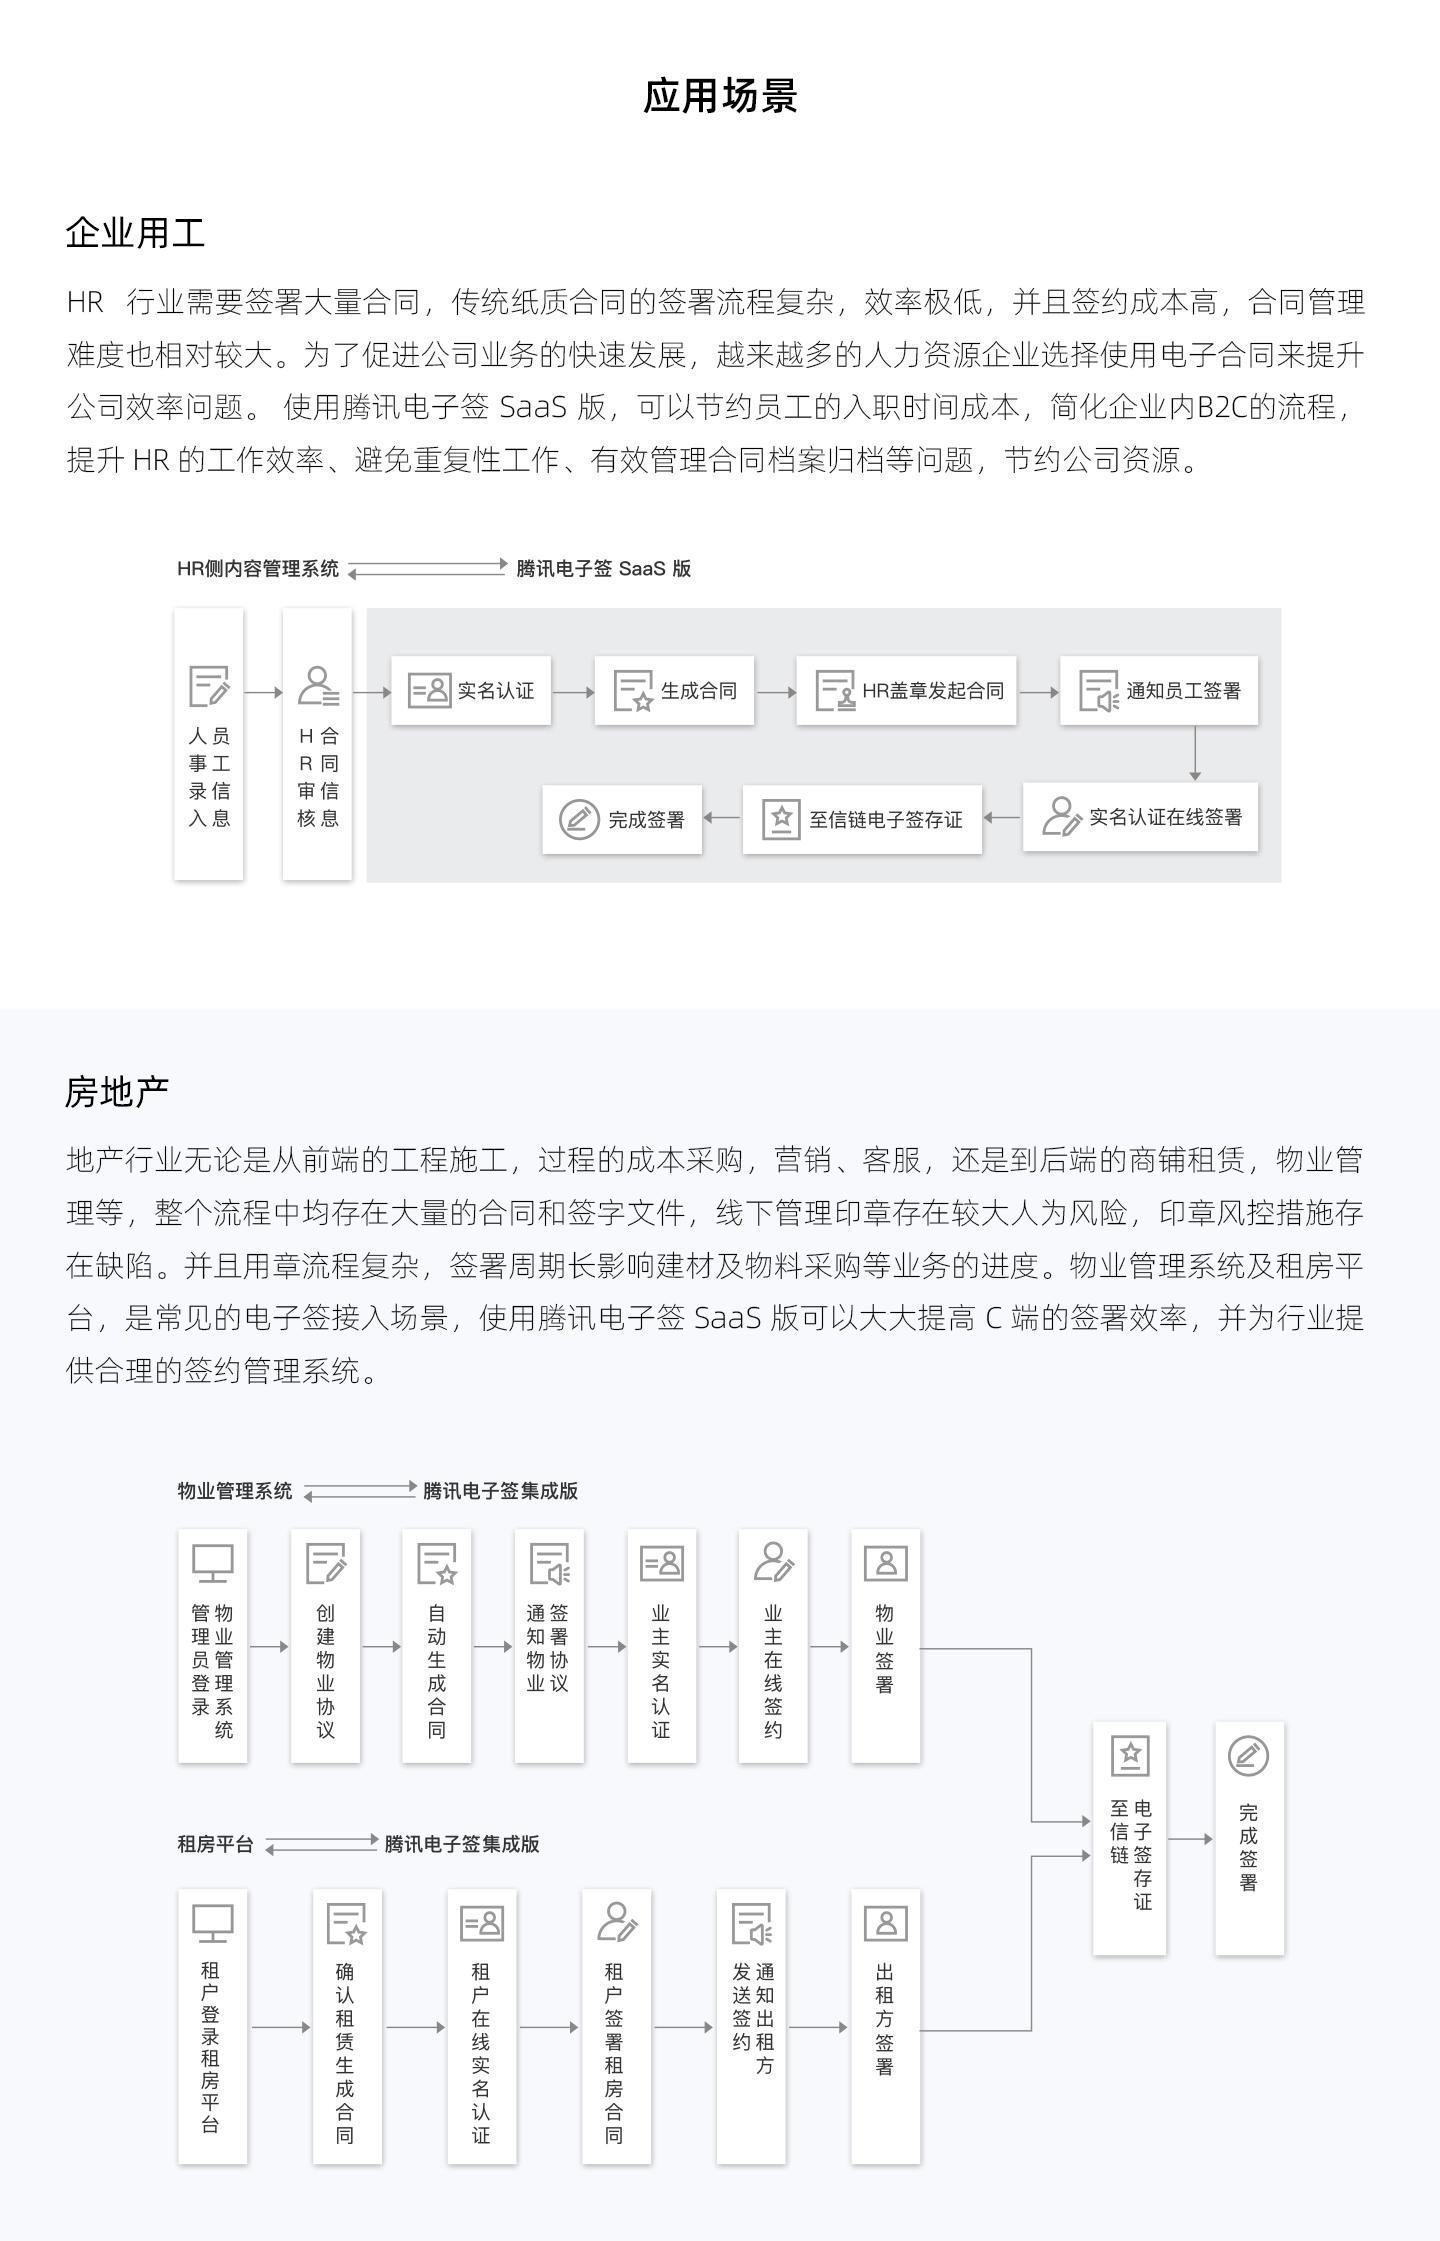 腾讯电子签集成版-1440_03.jpg